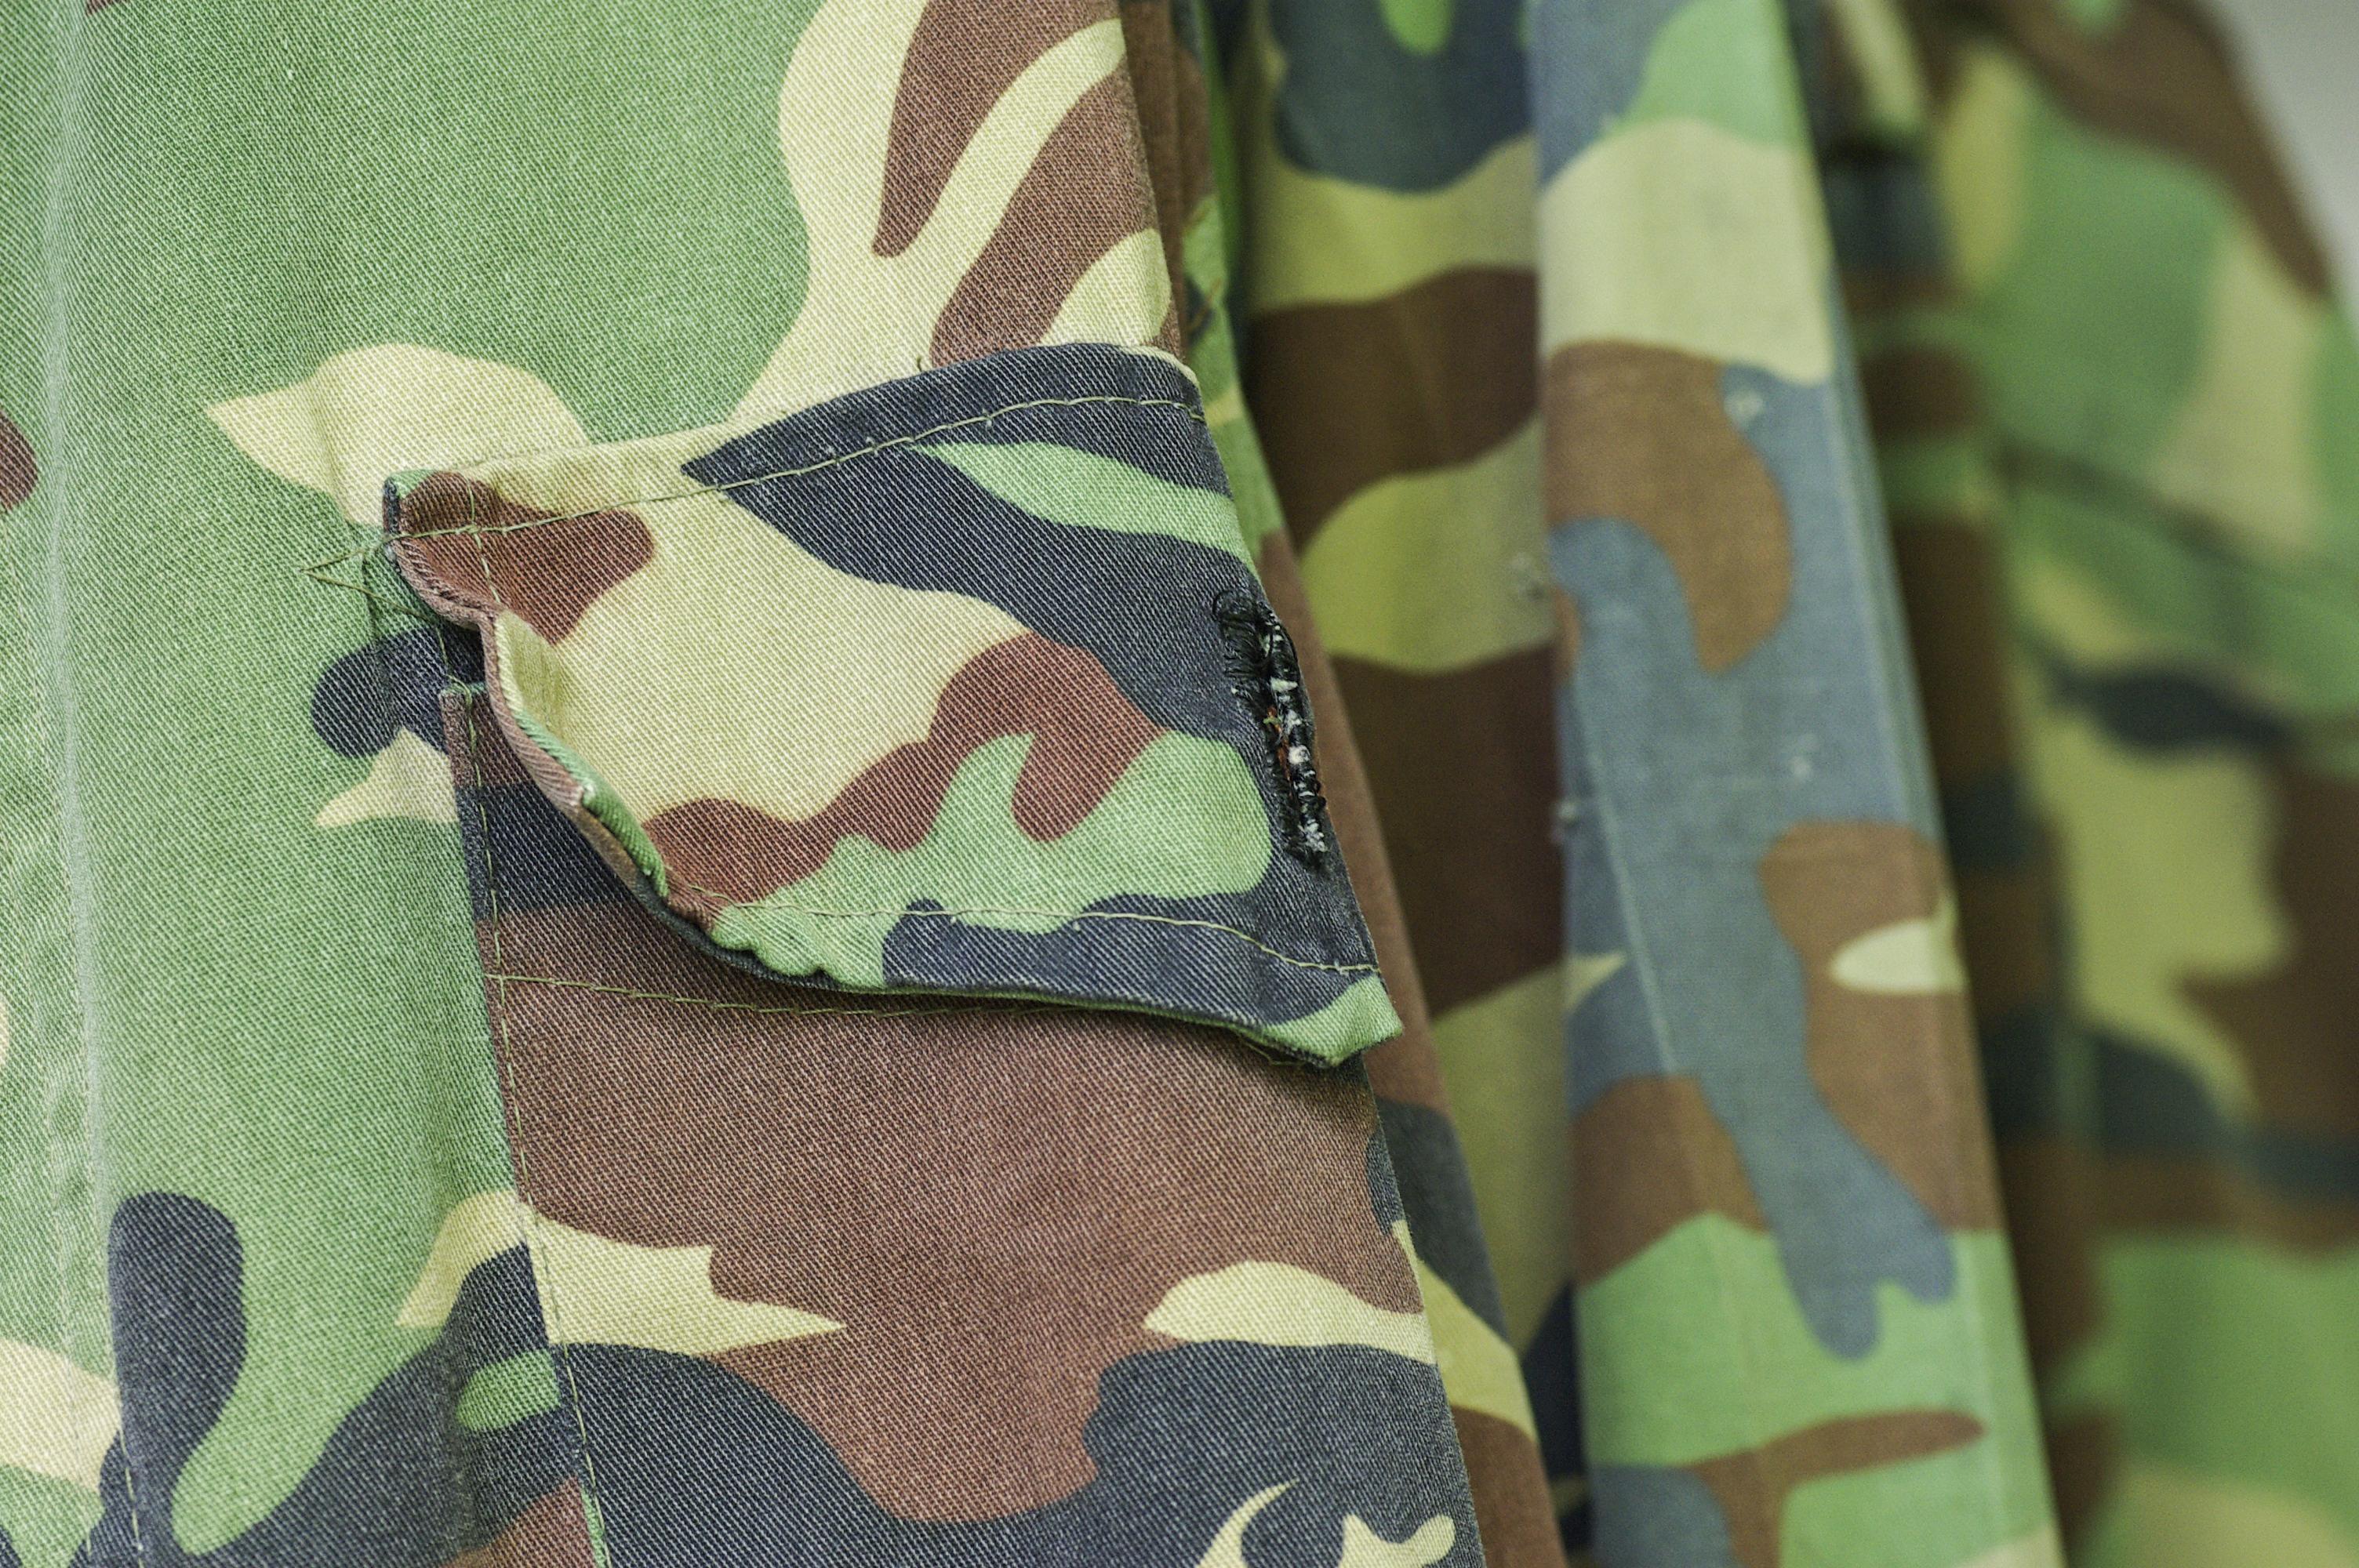 Eesti Kaitsevägi testib uue lõikega vorme, millel on ka NFC-kiibid